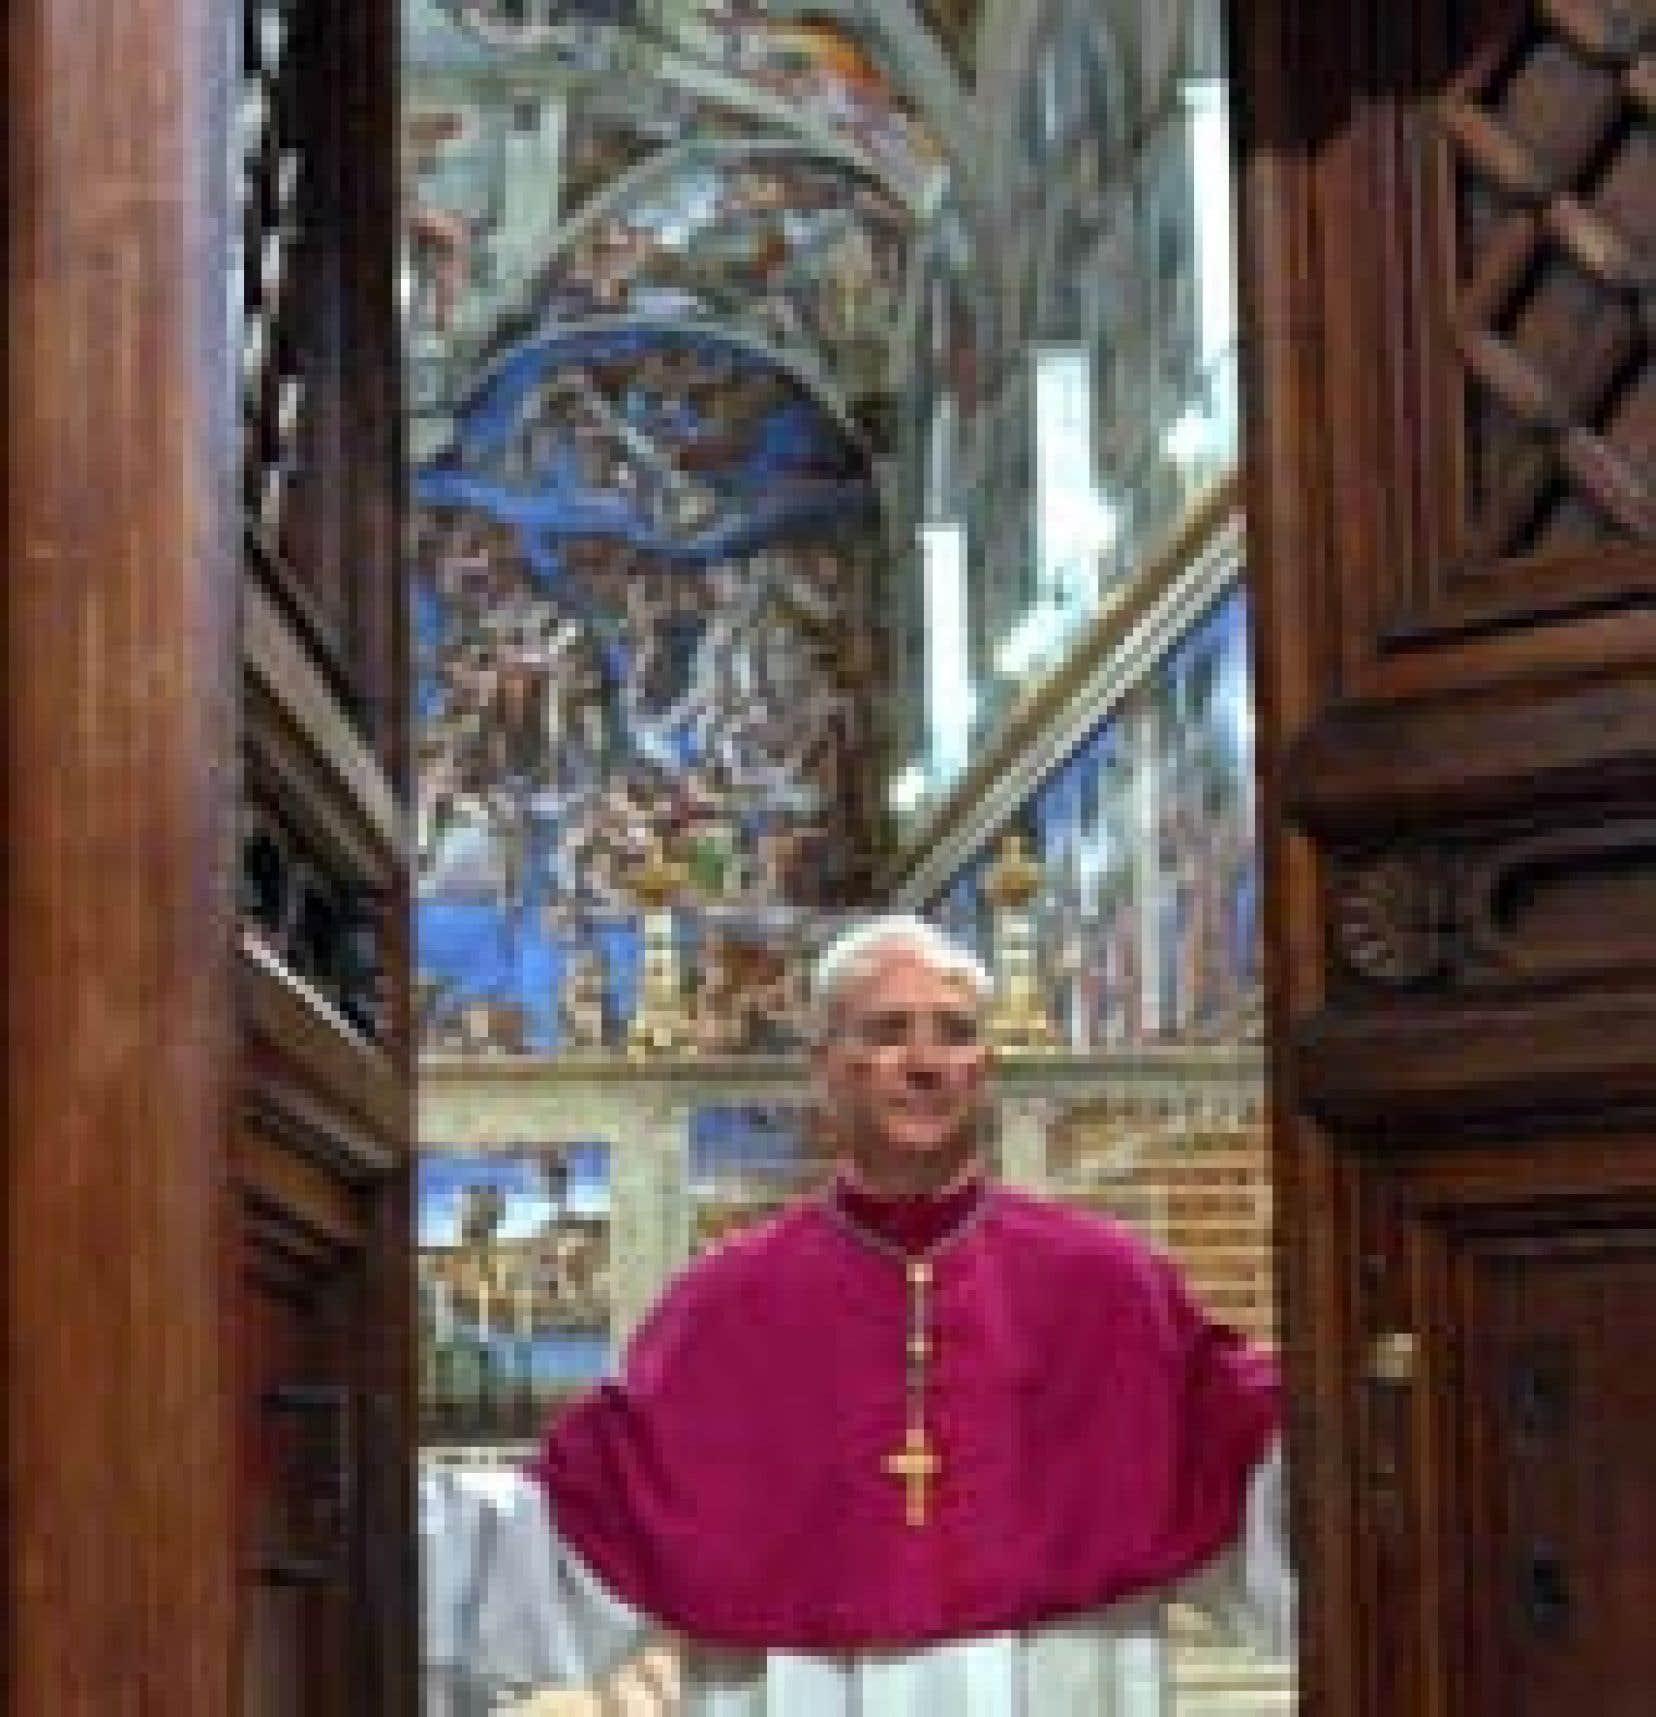 «Extra omnes» (dehors, tous) a lancé Mgr Piero Marini, maître des célébrations liturgiques, puis les portes de la chapelle Sixtine se sont refermées sur les 115 cardinaux.